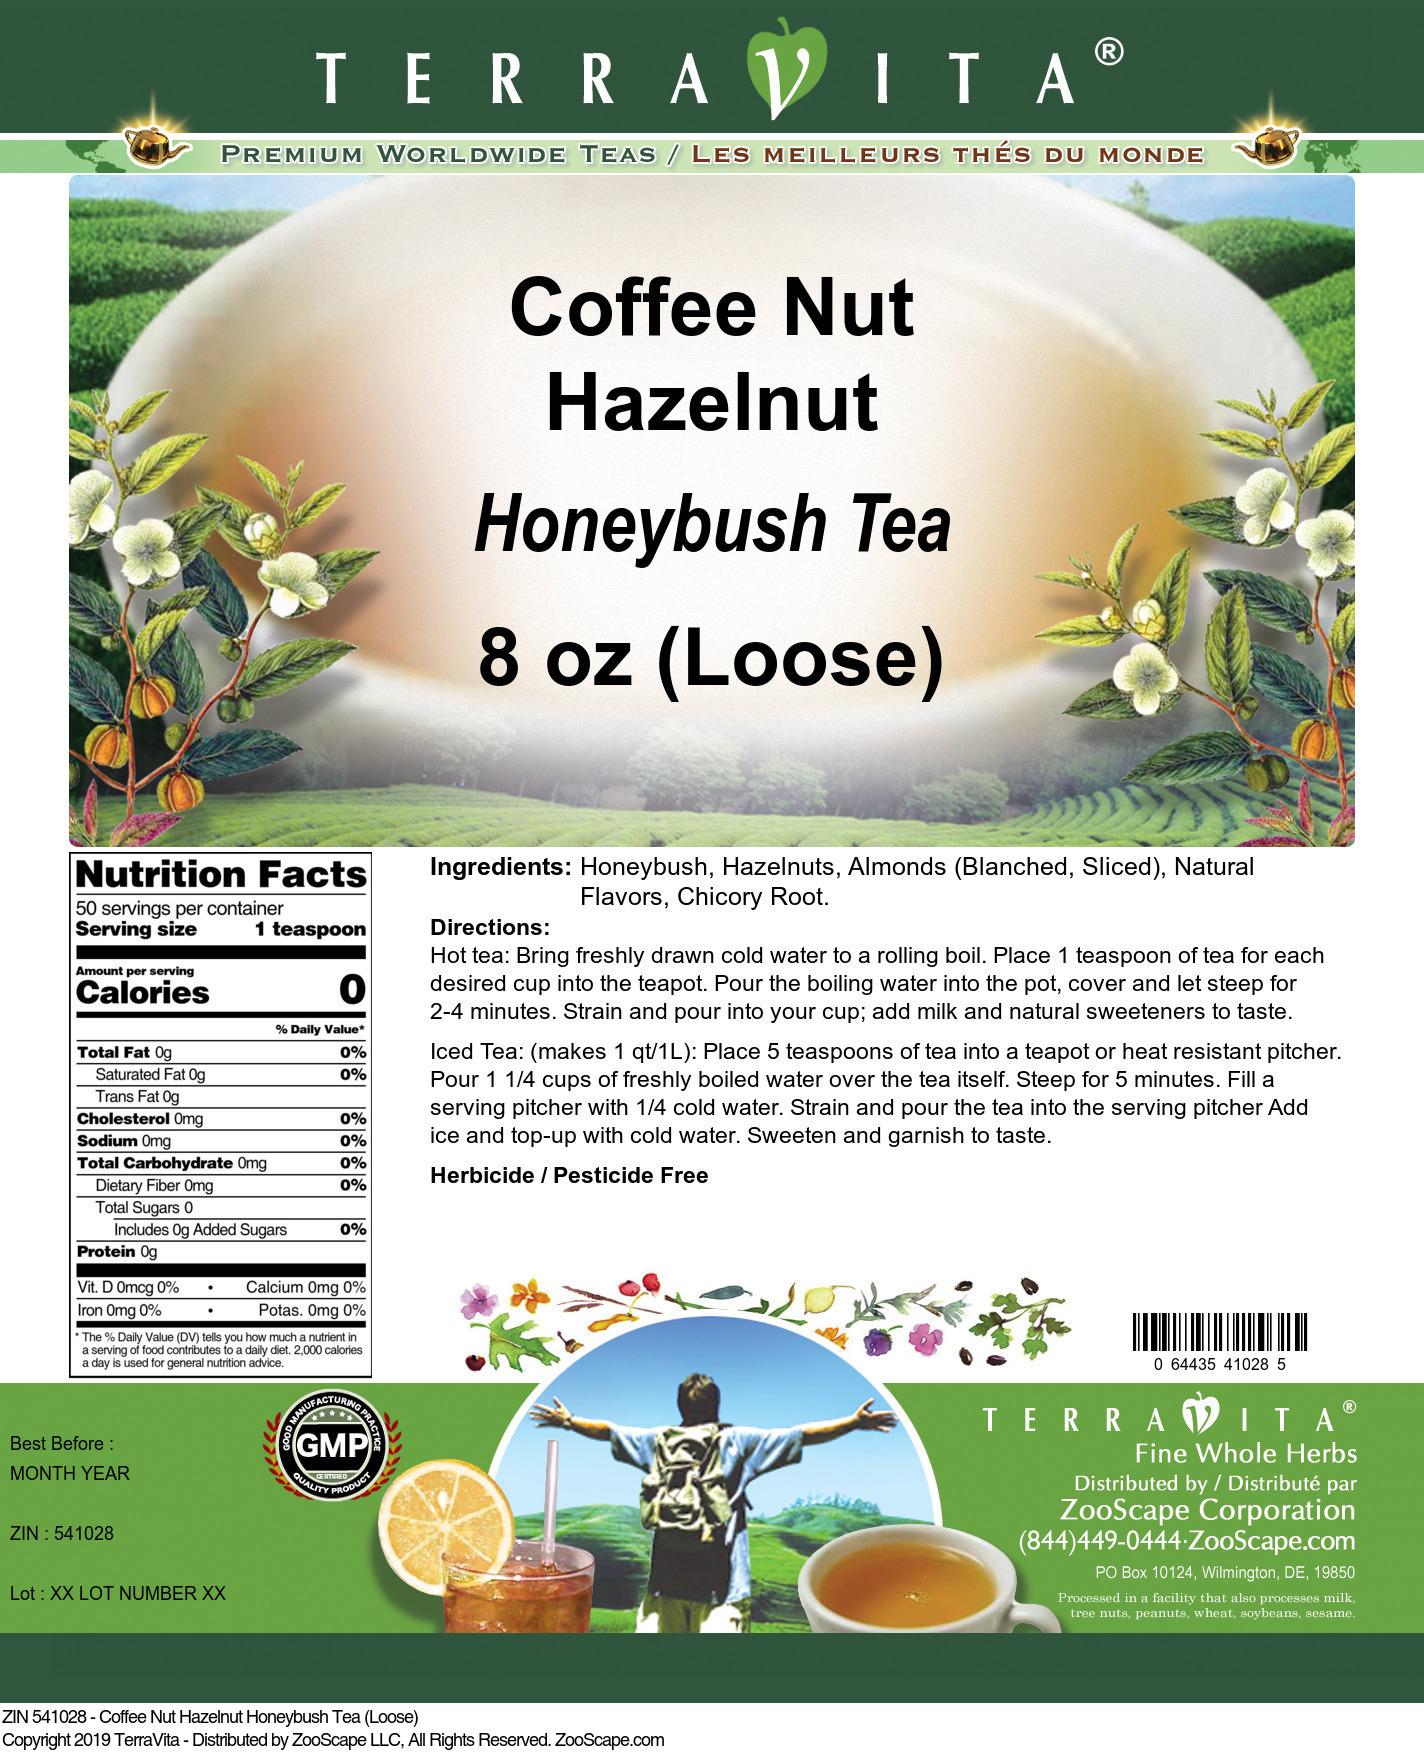 Coffee Nut Hazelnut Honeybush Tea (Loose)